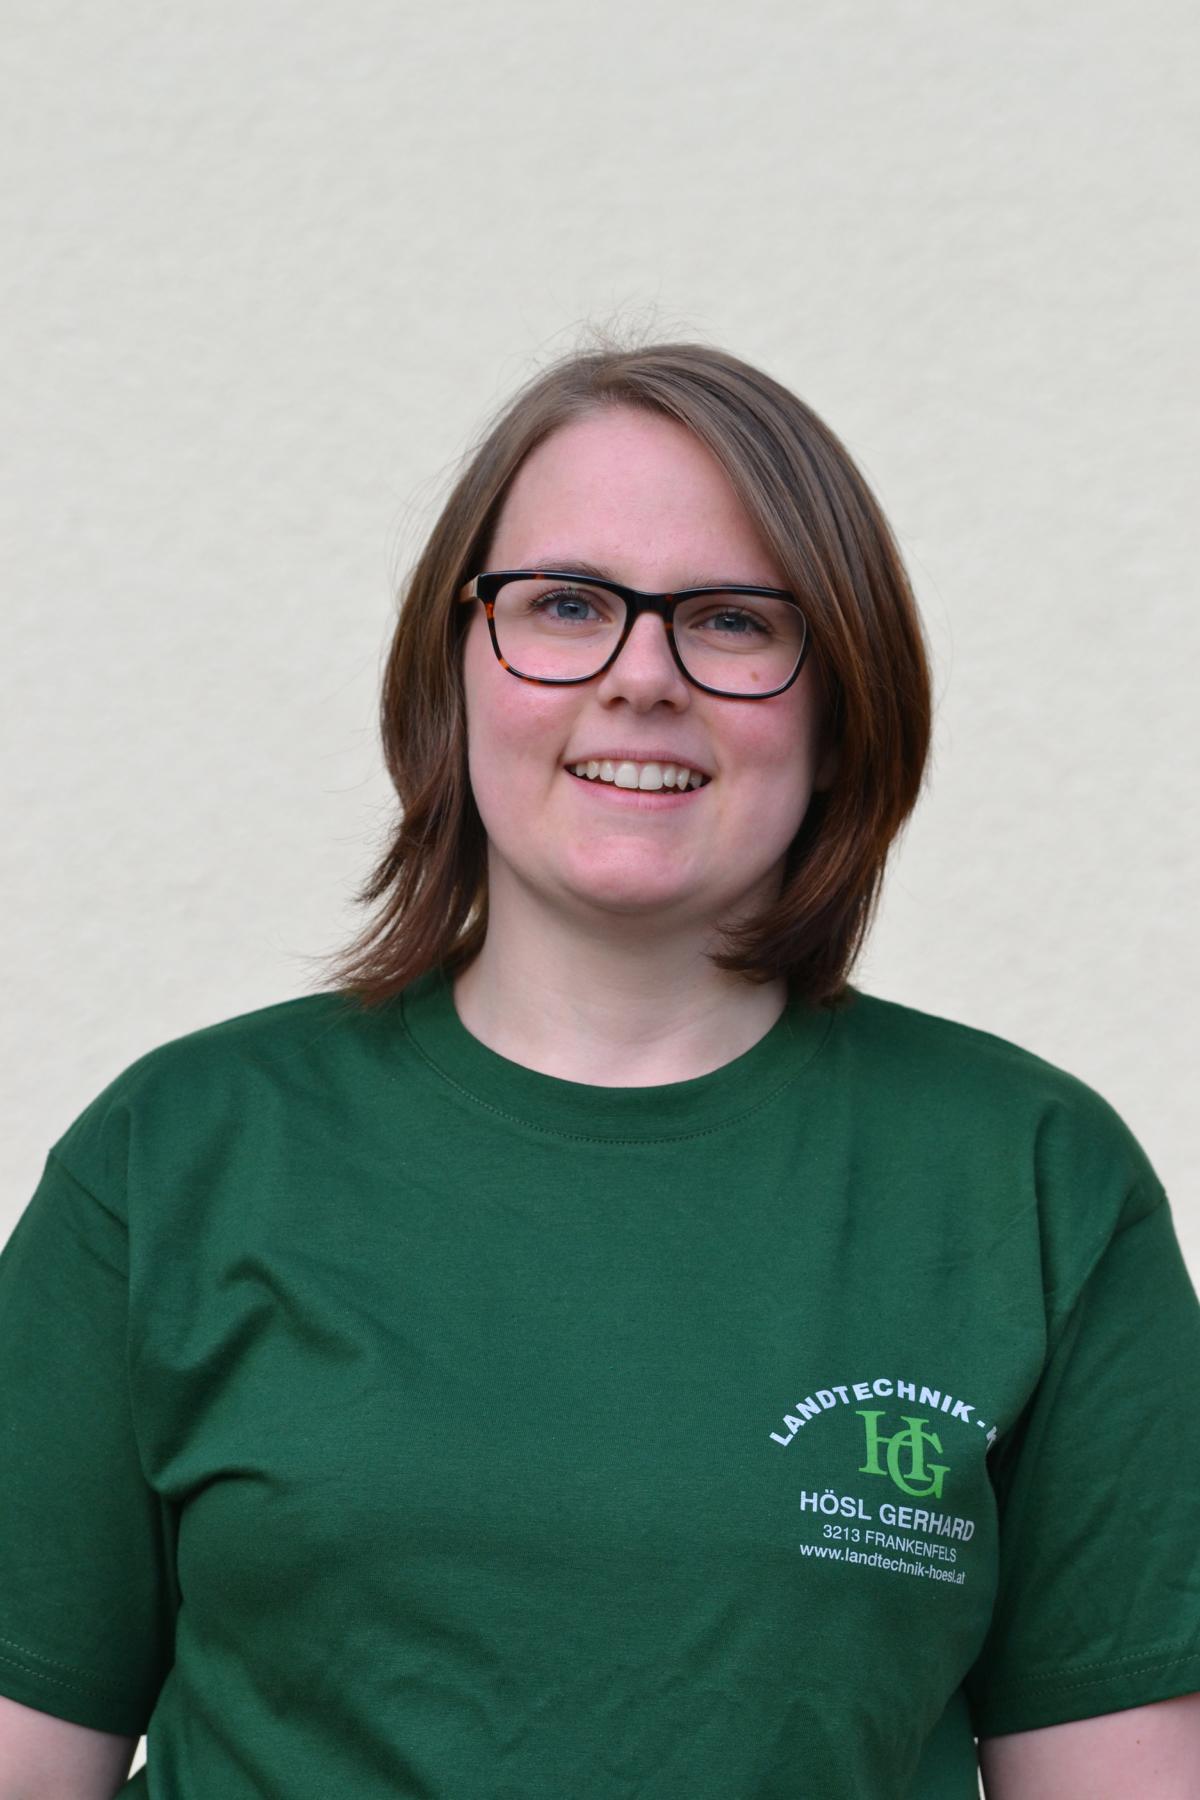 Claudia Hösl Landtechnik-KFZ Frankenfels